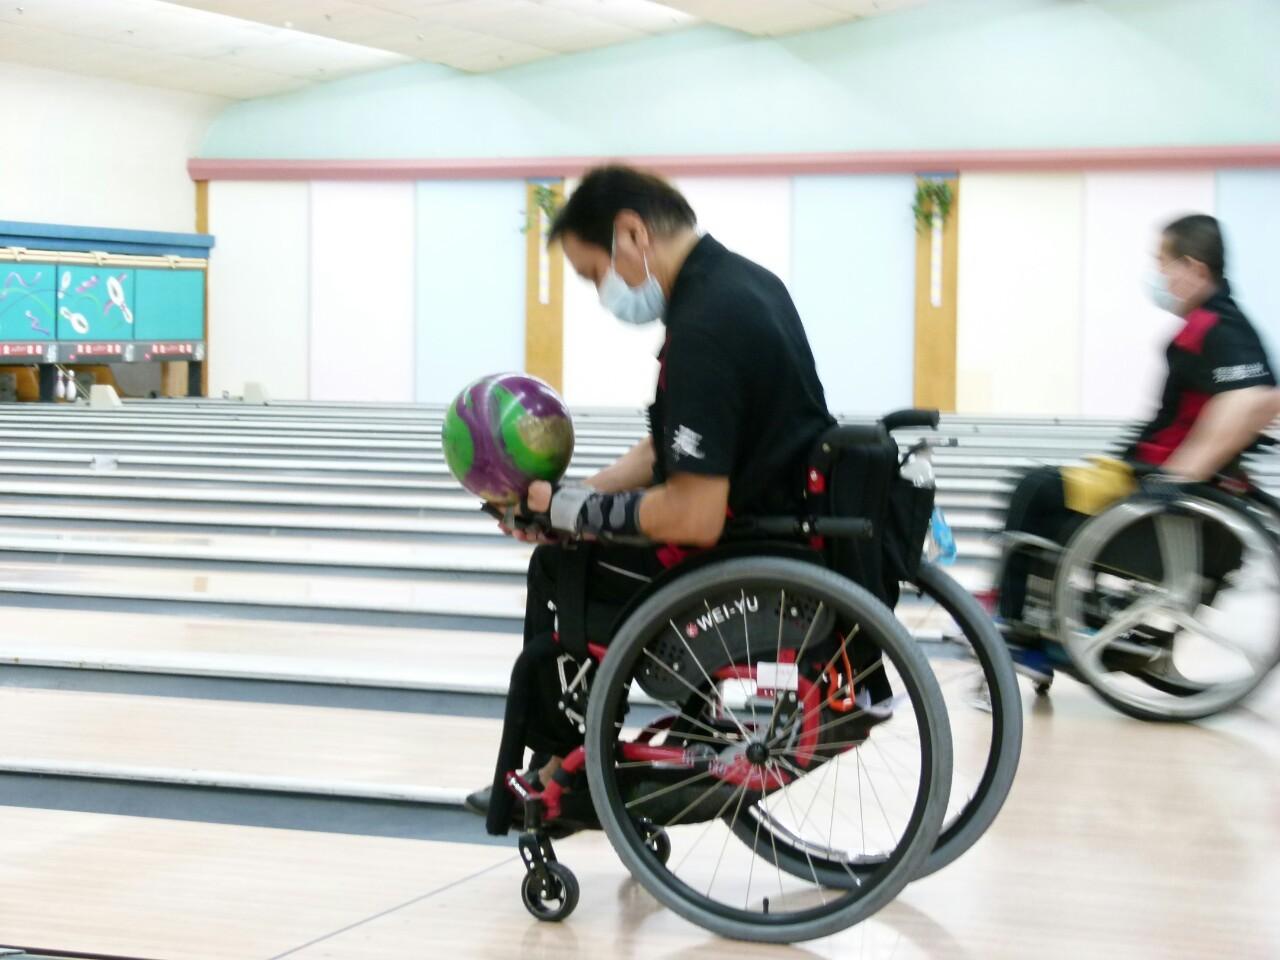 110年度公益活動臺南市西藥盃身心障礙者保齡球賽於黃金保齡球館舉行。_210830_52